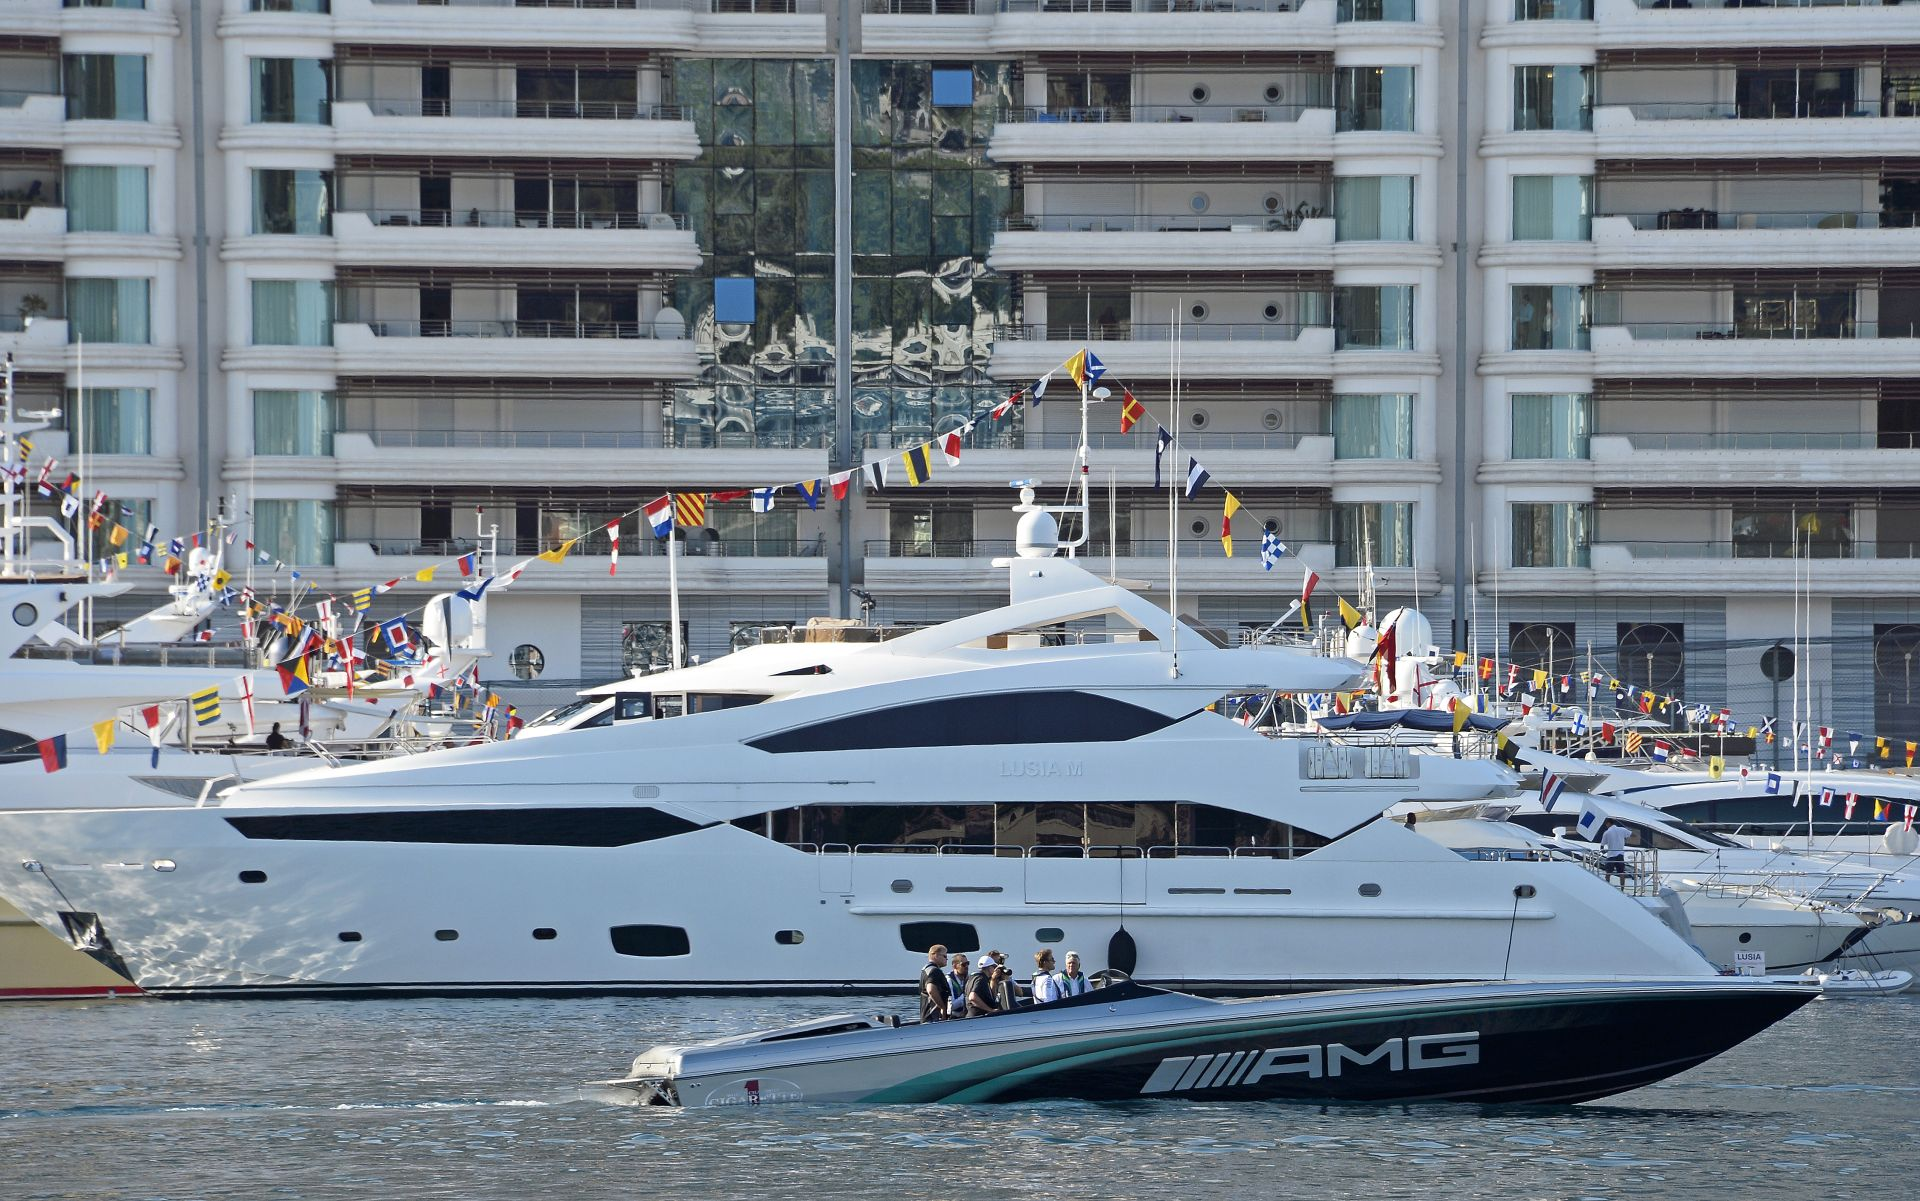 Ennél lazább életed nem lehet versenyzőként: Hamilton és Rosberg is hajóval csapatott Monacóban